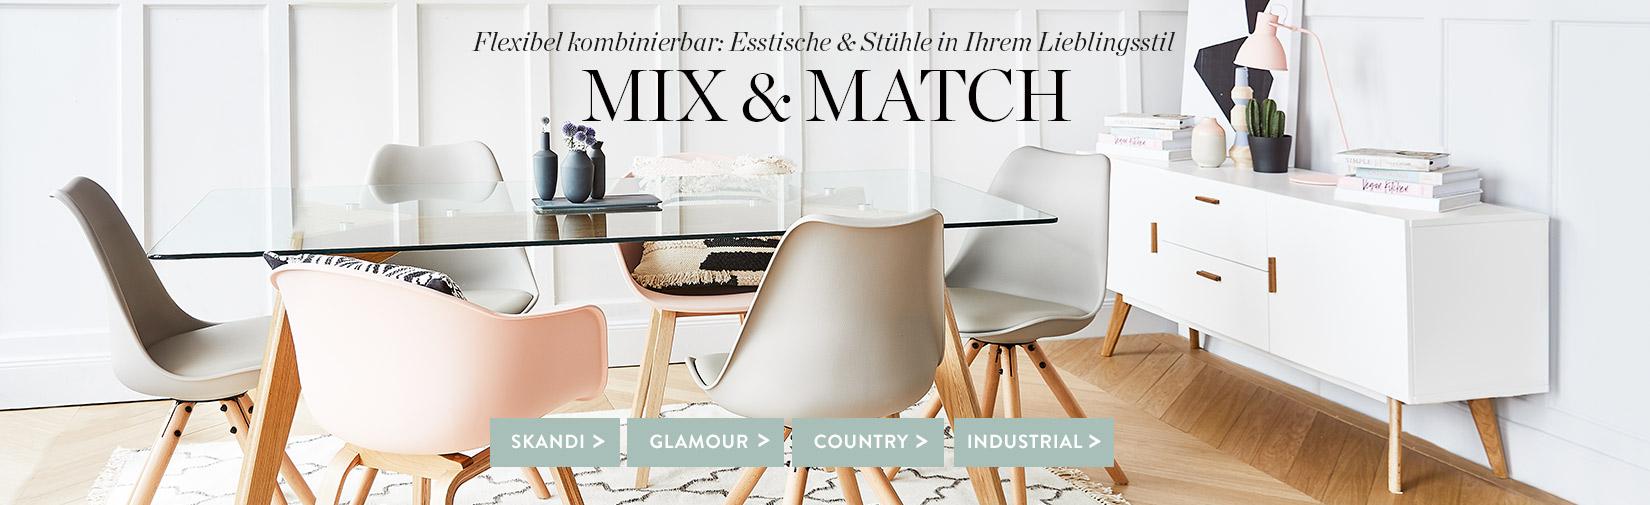 LP_Mix&Match_allgemein